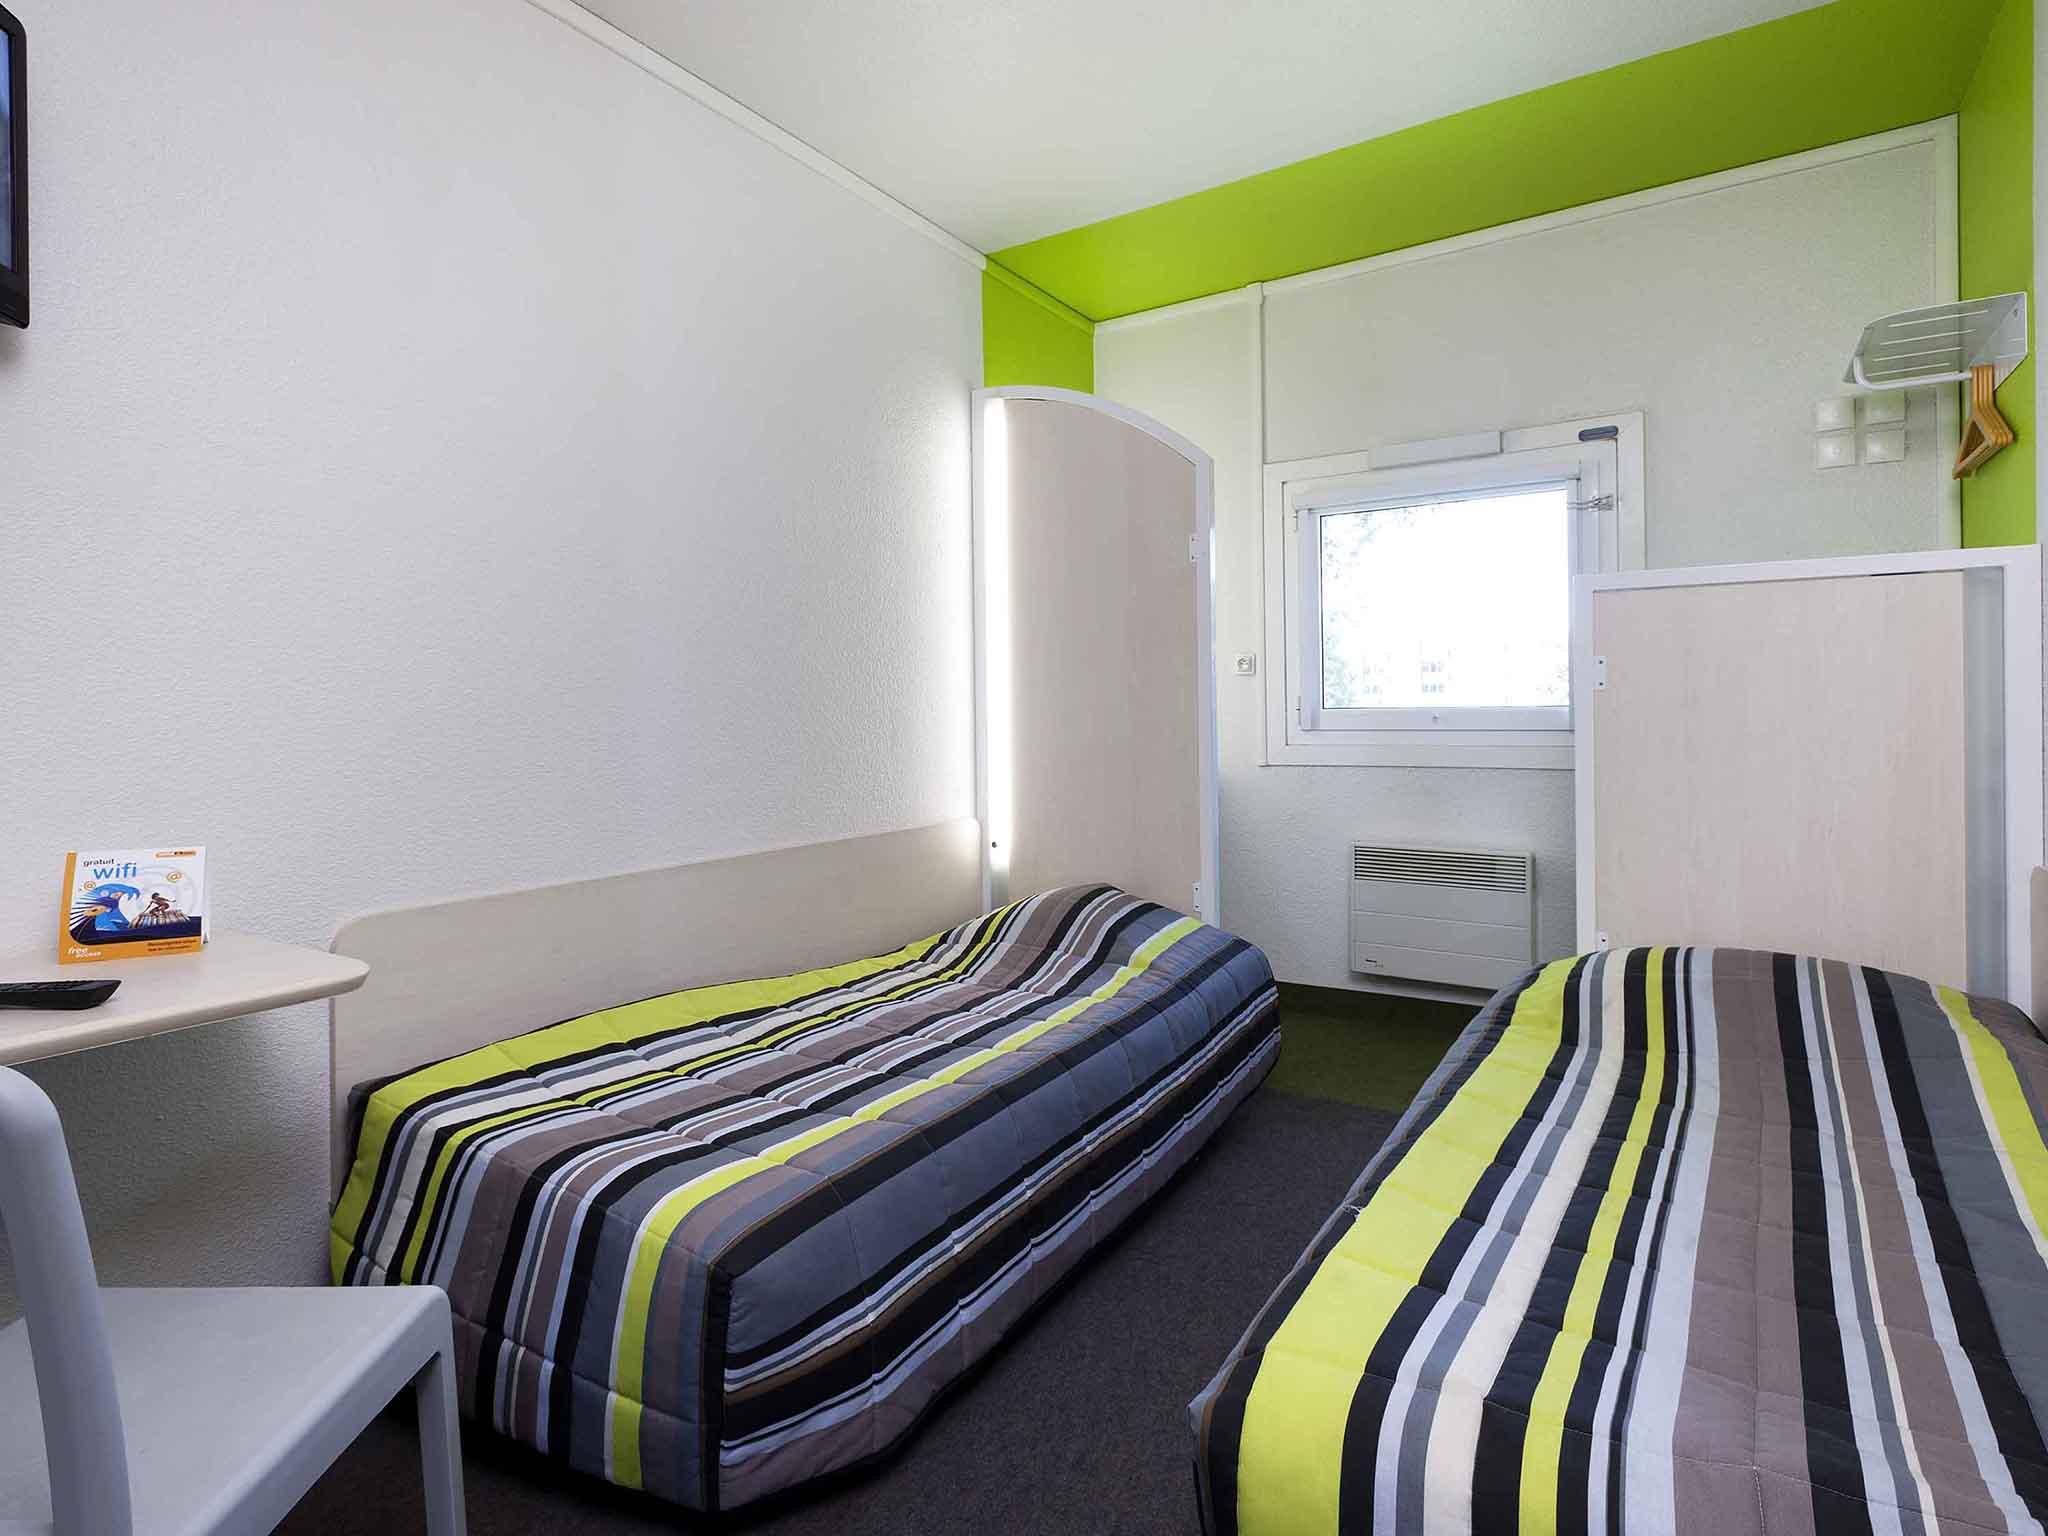 Hotel in ROUBAIX hotelF1 Lille Roubaix Centre